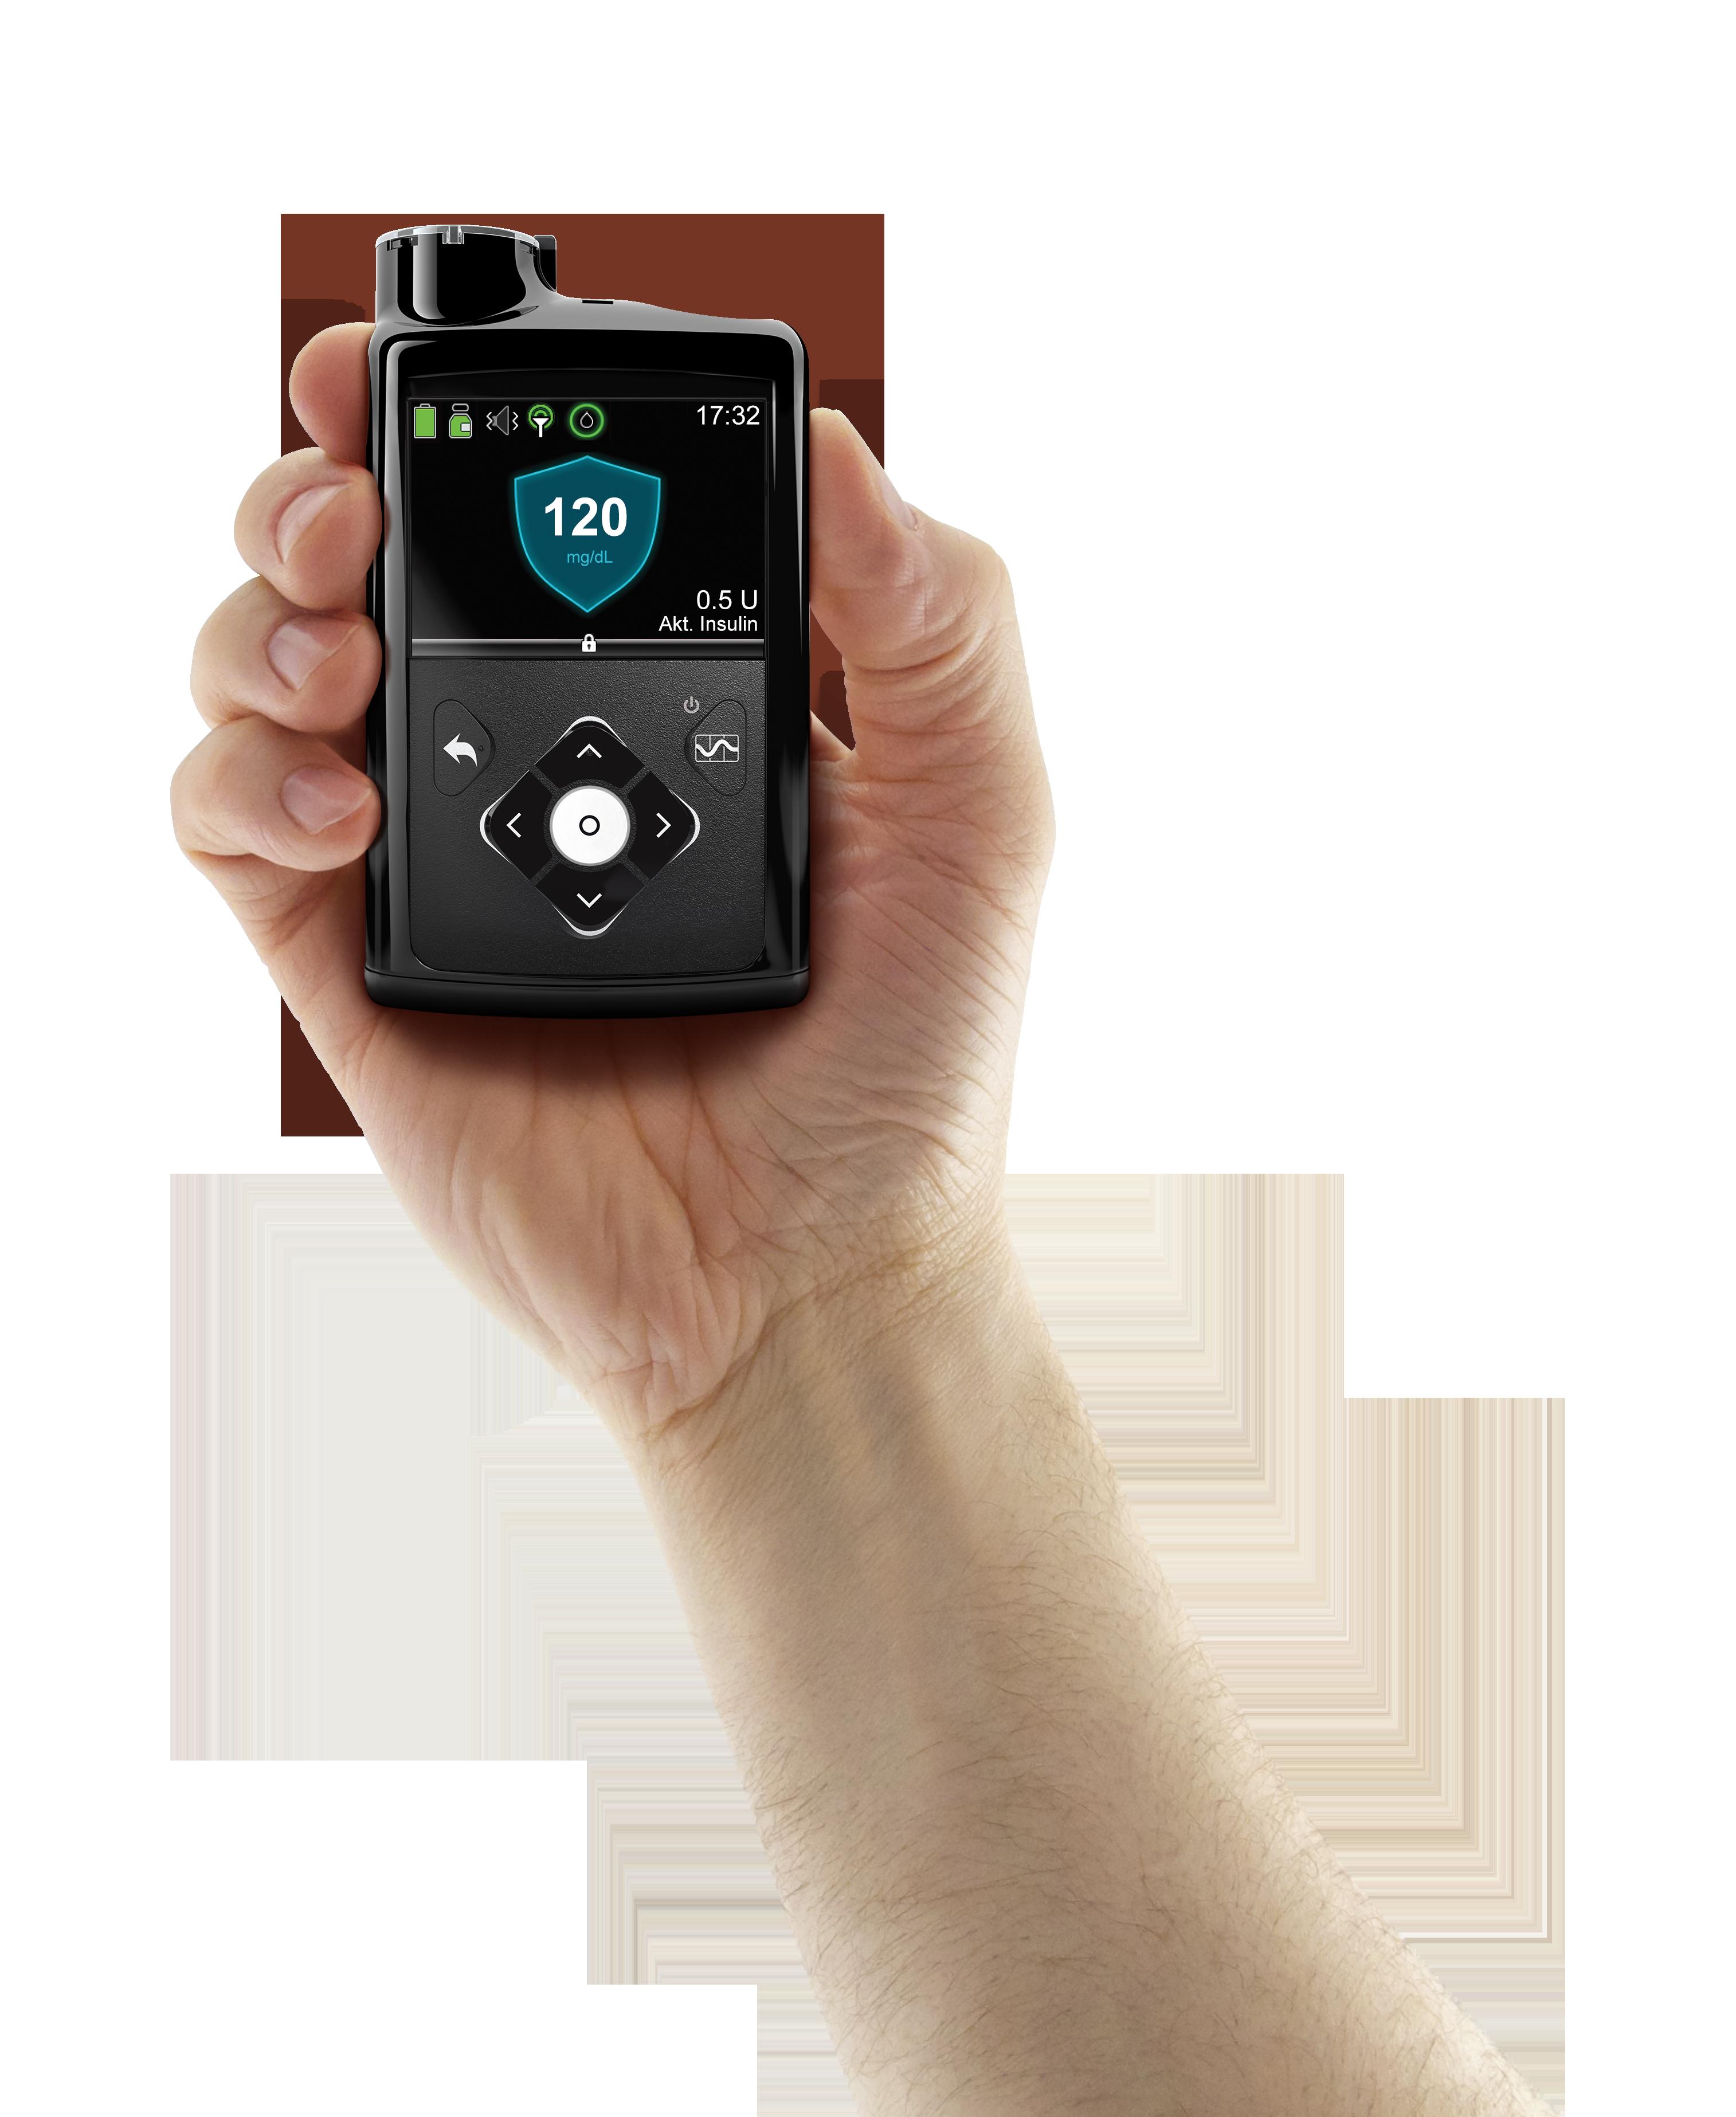 Medtronic MiniMed 670G mmol/l